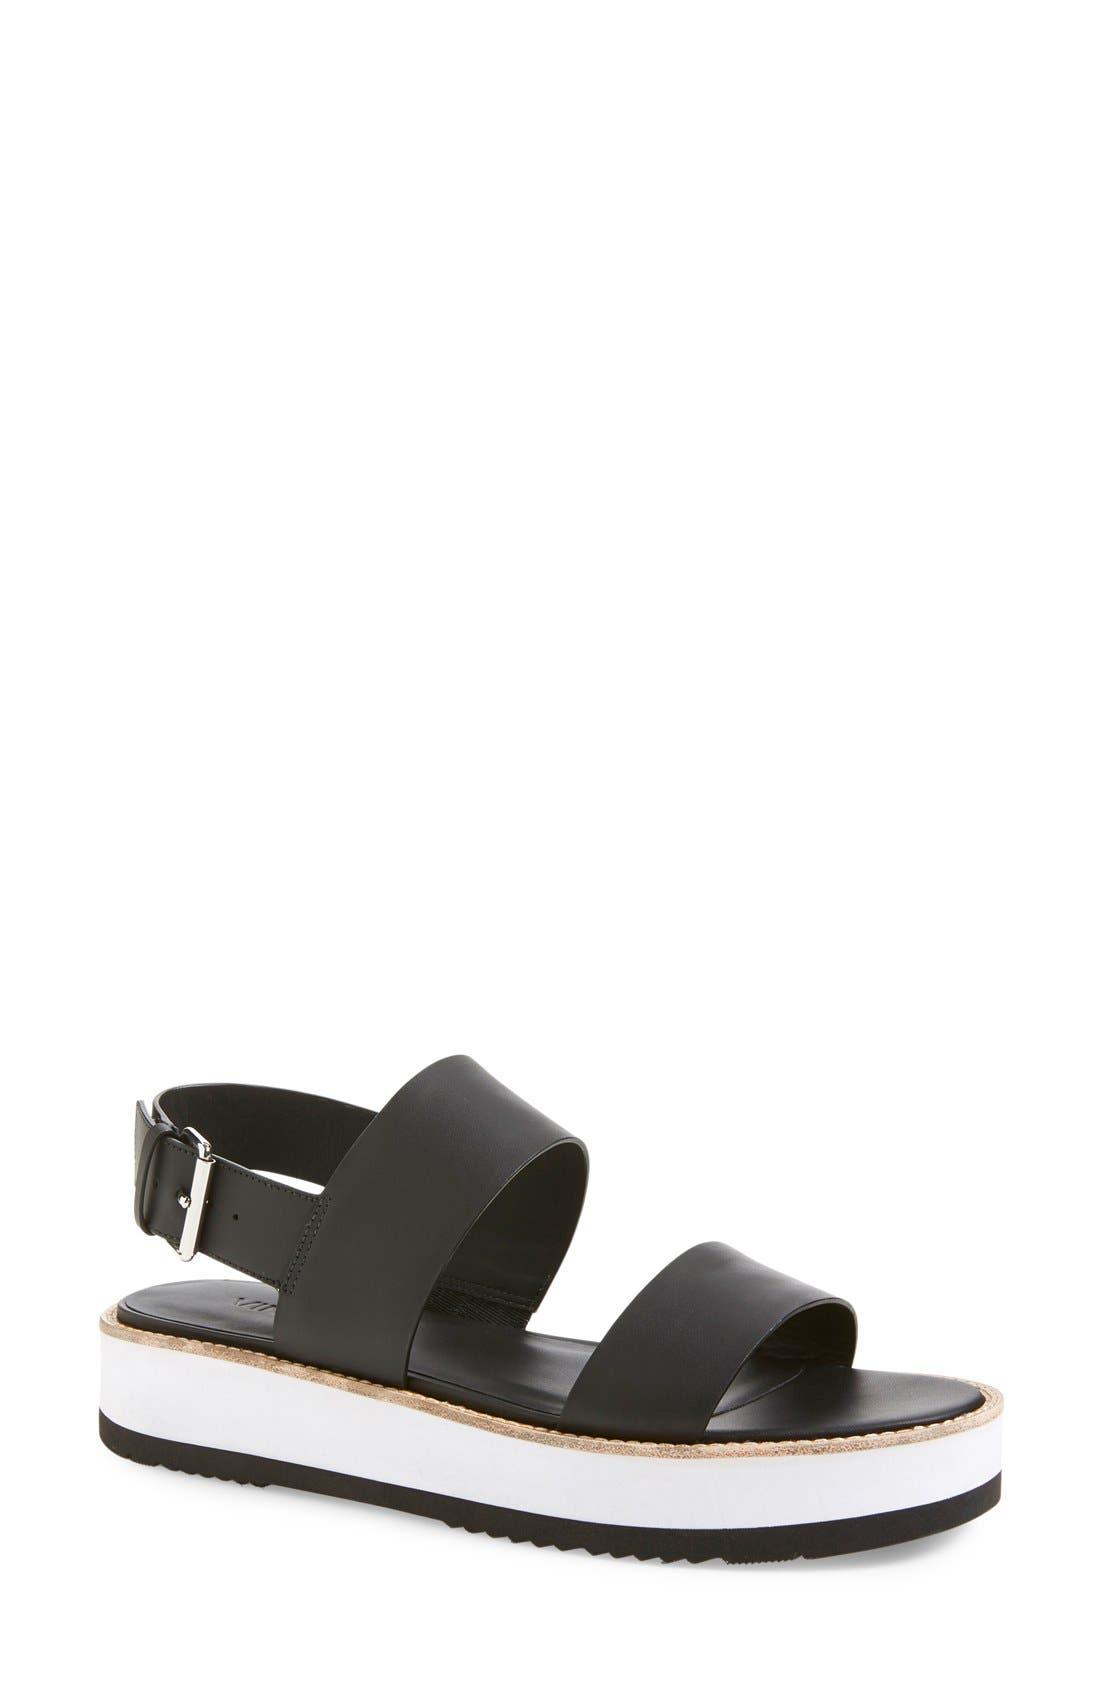 VINCE 'Mana' Flatform Sandal, Main, color, 001